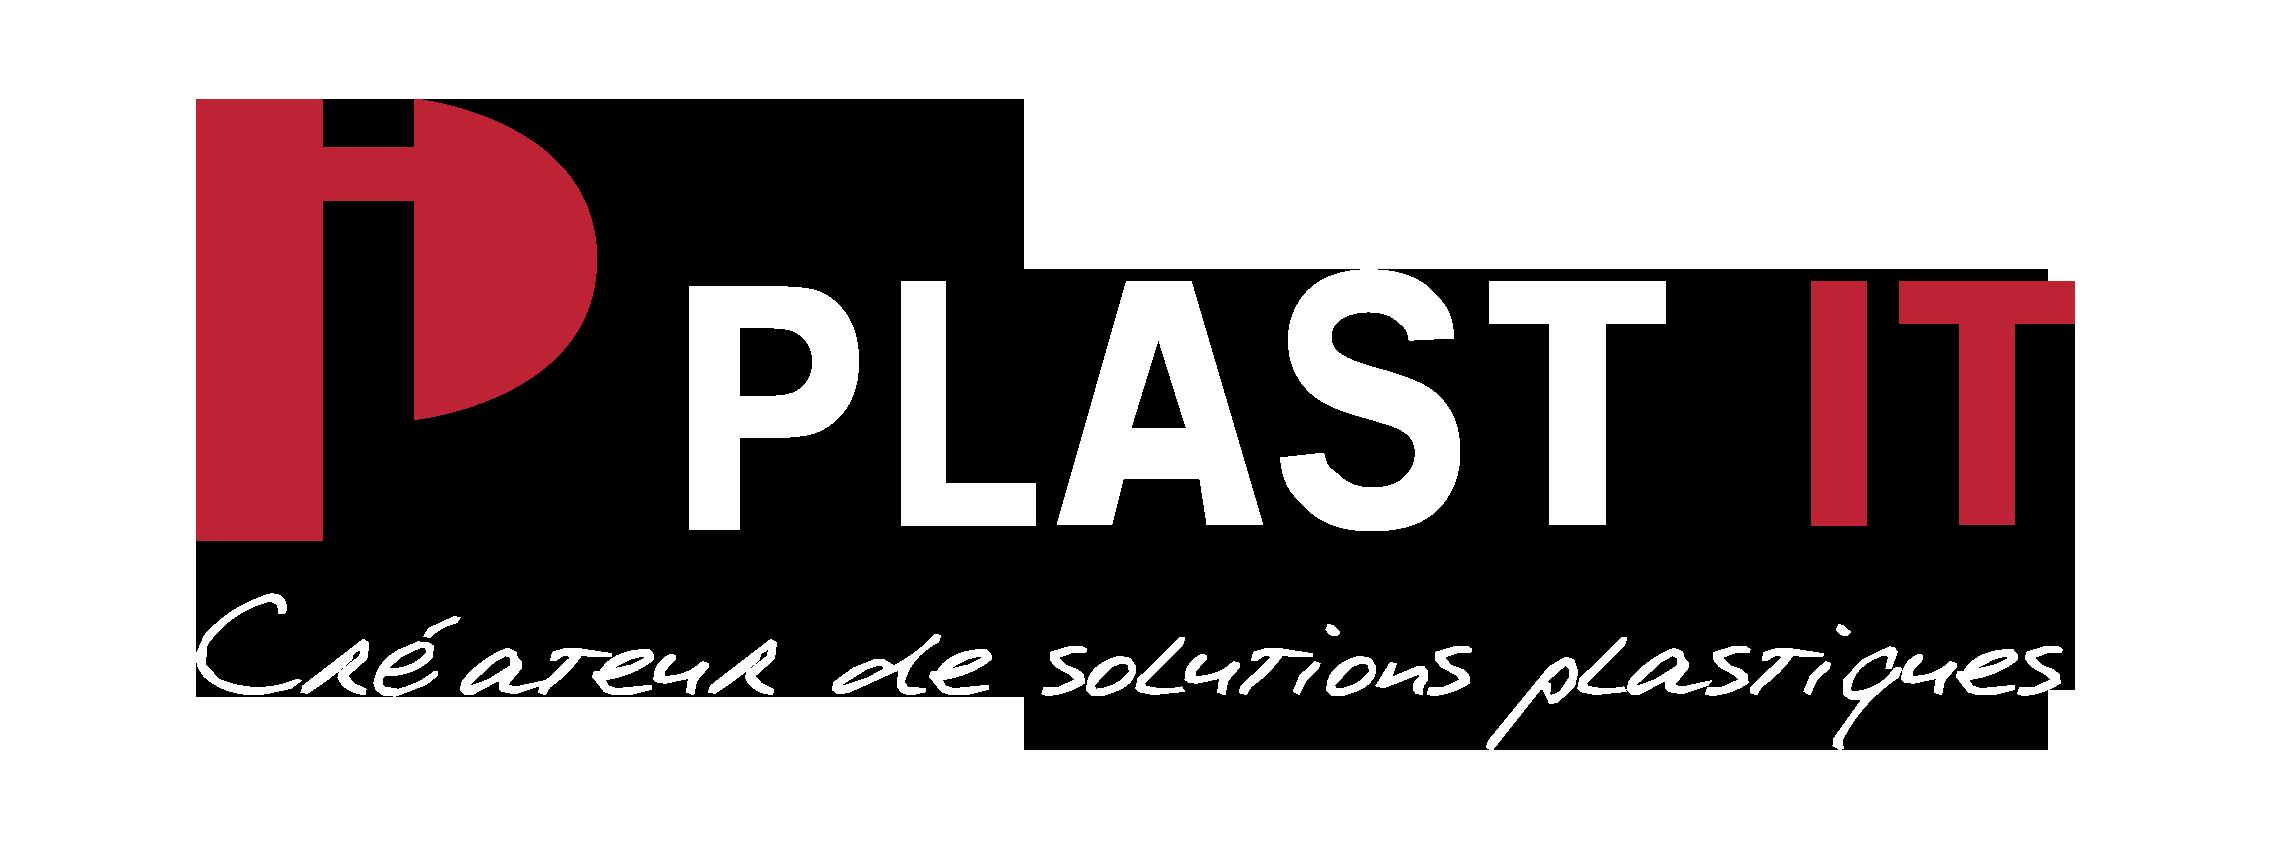 Plast It Créateur de solutions plastiques